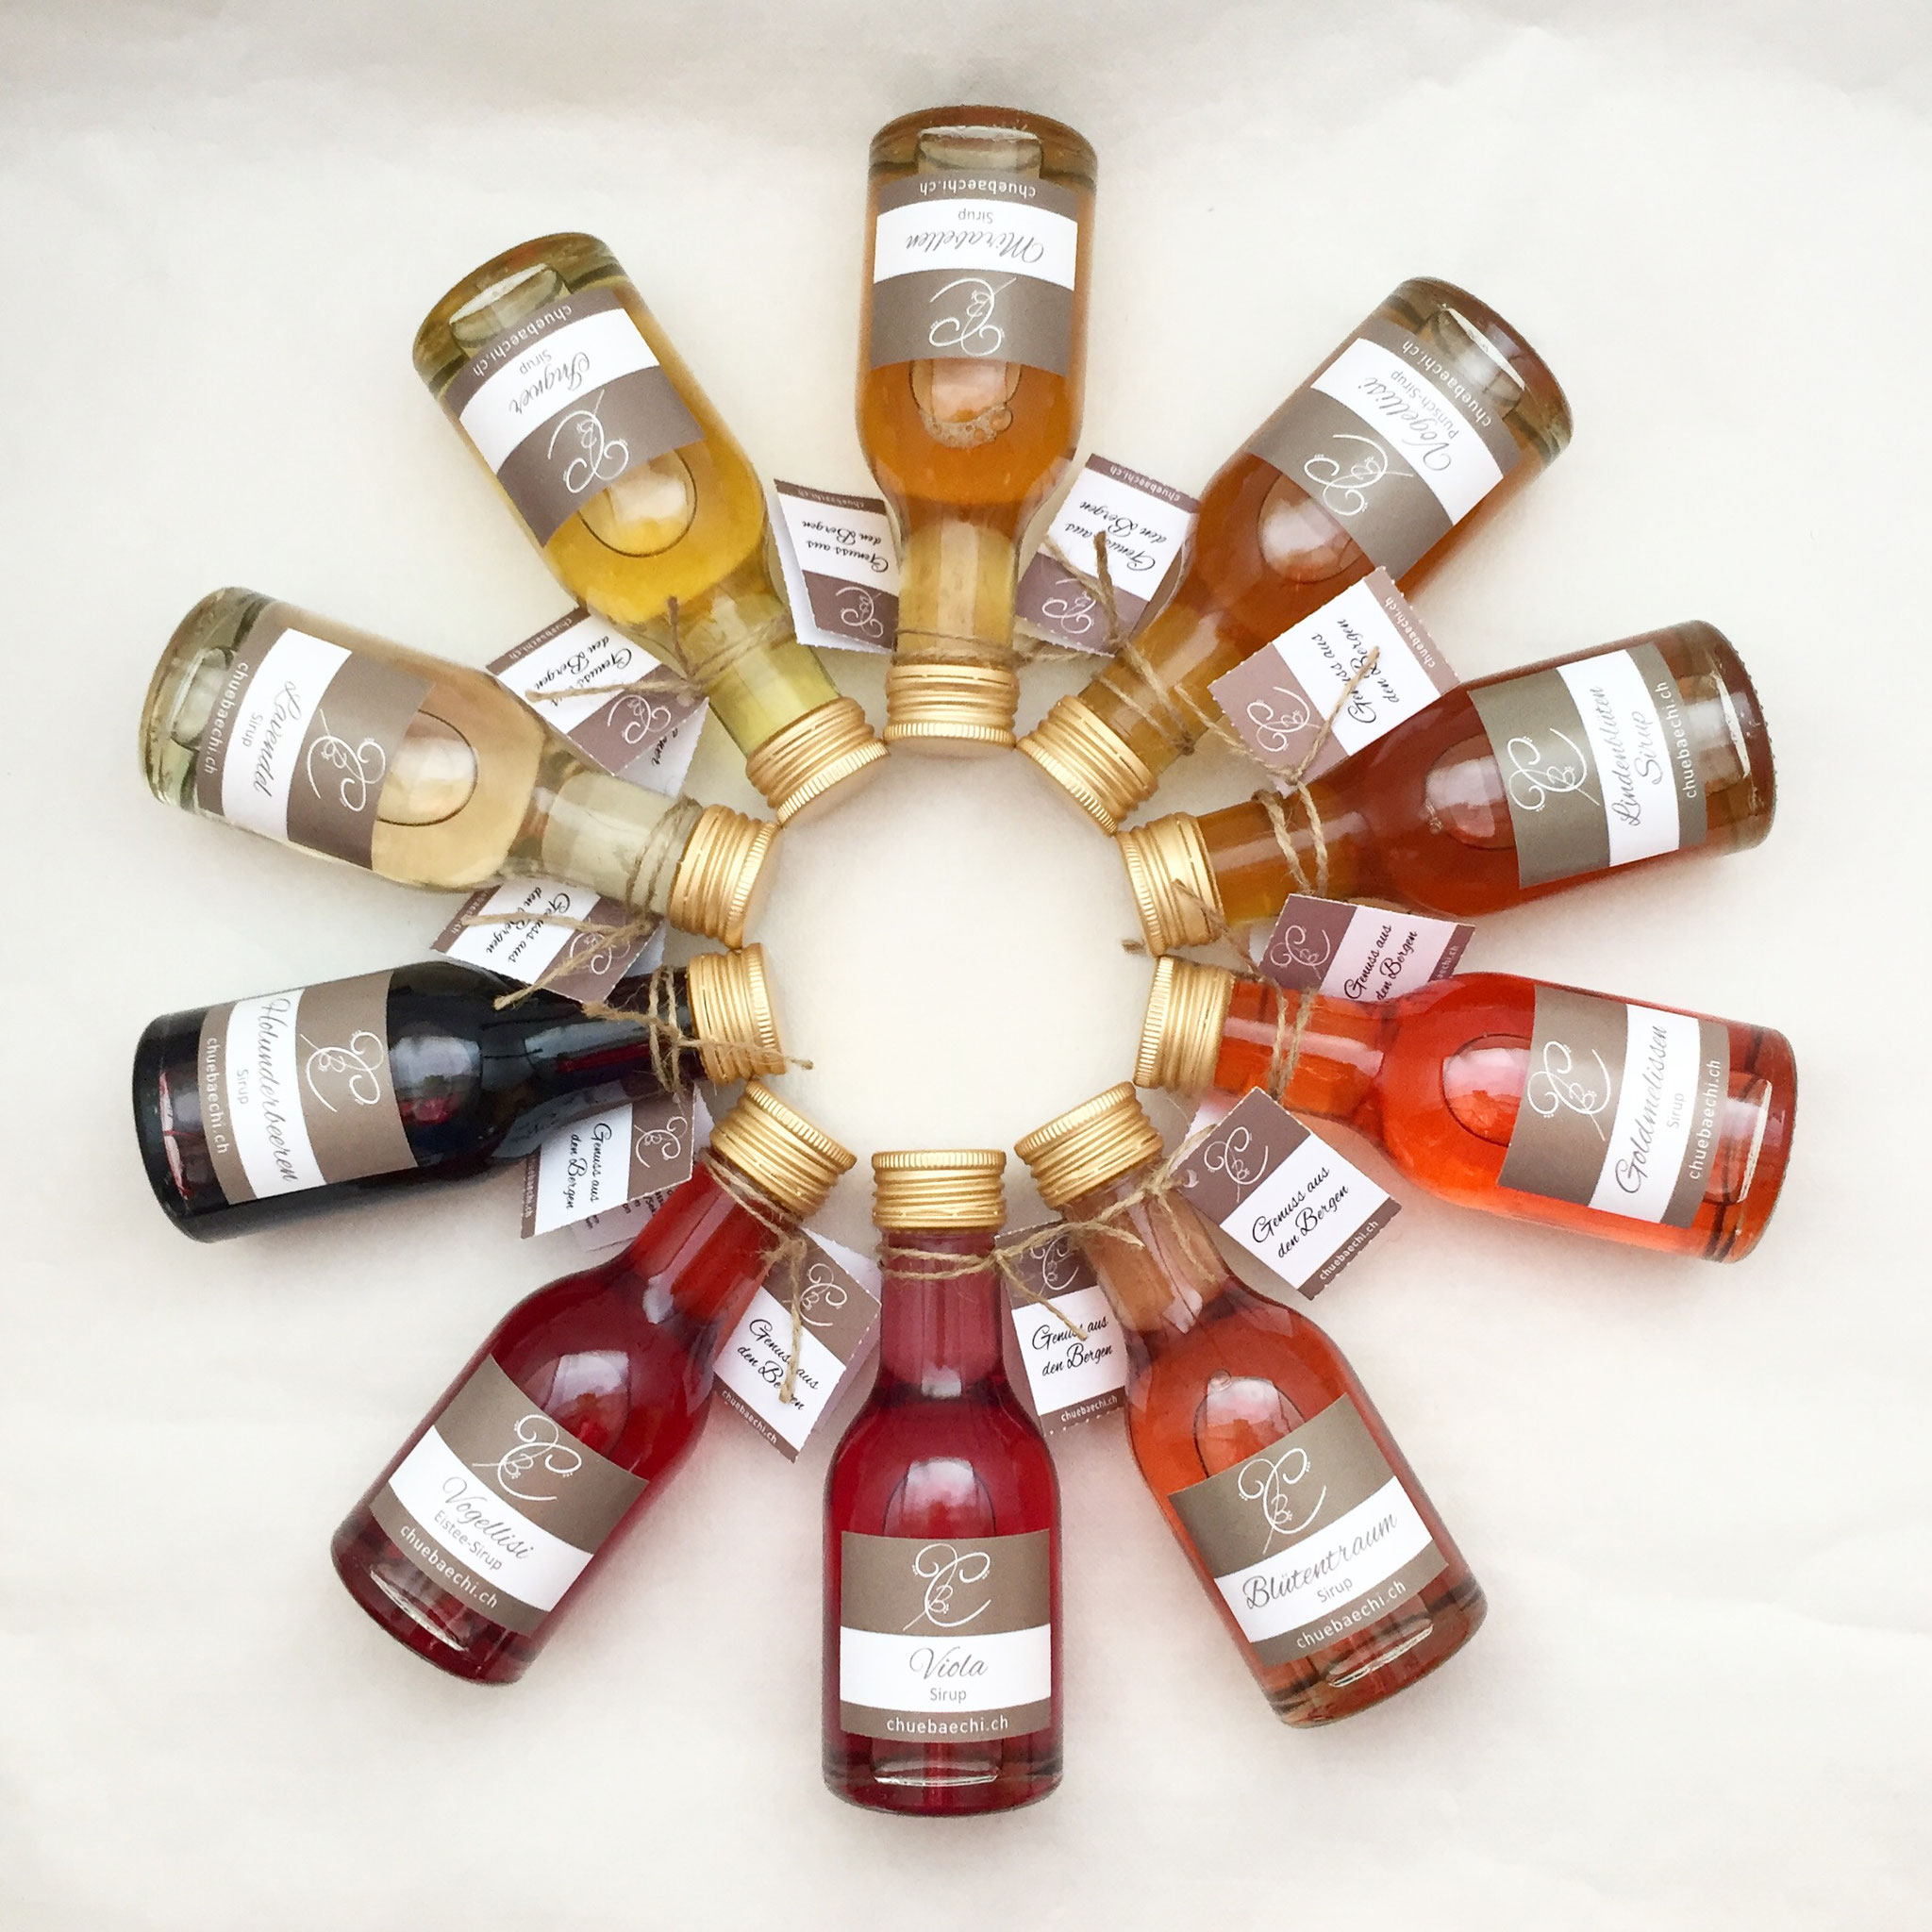 Spezialitäten Sirup in vielen verschiedenen Farben